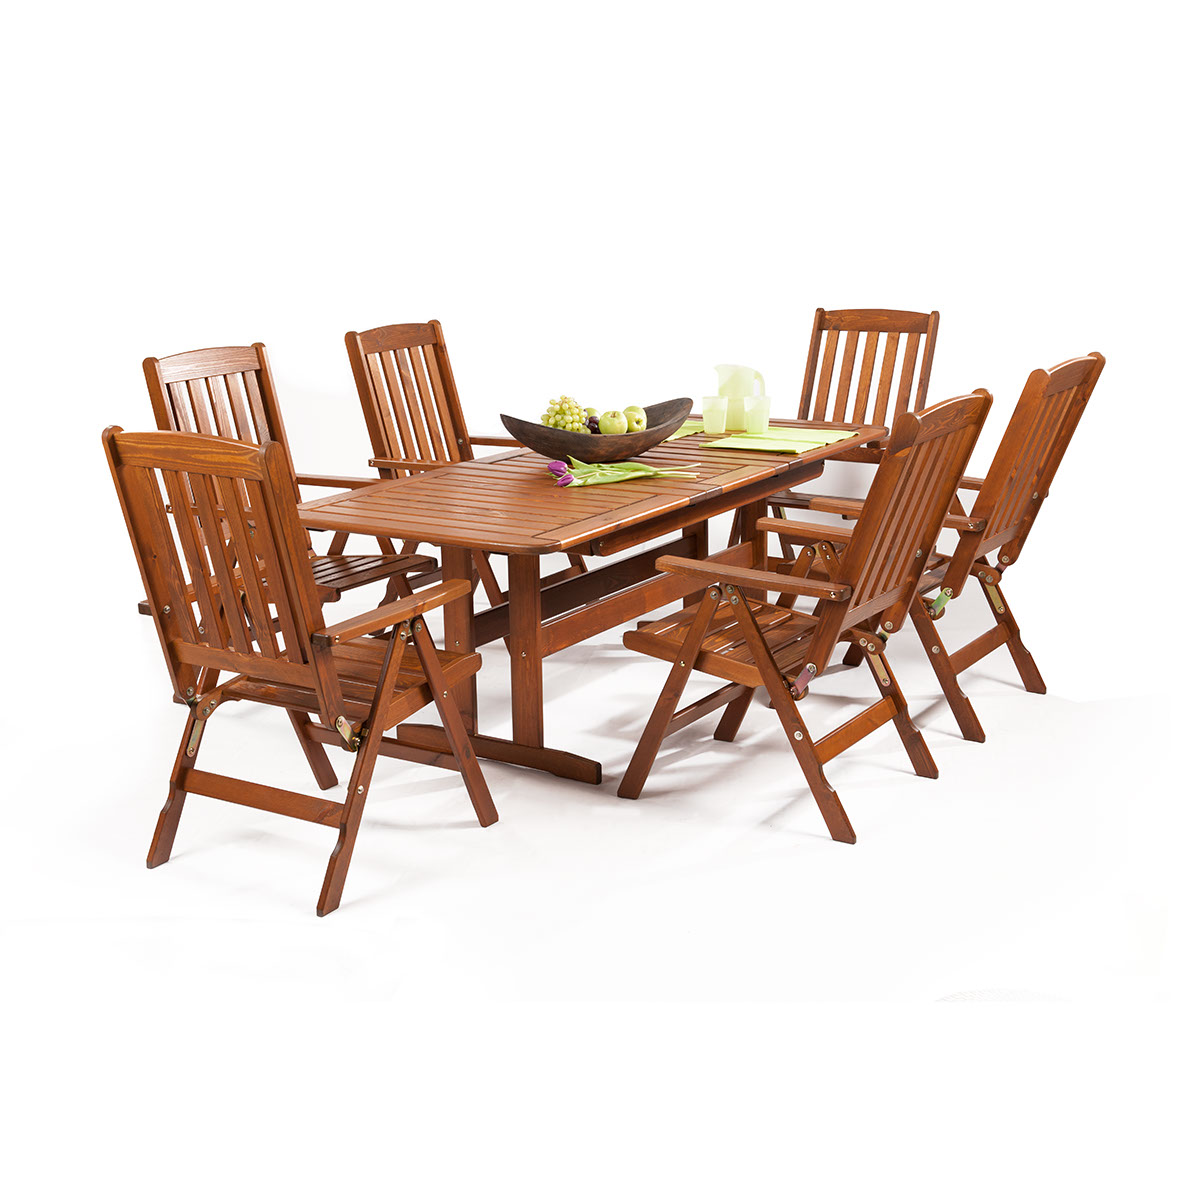 Garland Sven 6+, sestava nábytku z borovice (6x pol. křeslo Oliver, 1x rozkládací stůl Skeppsvik)